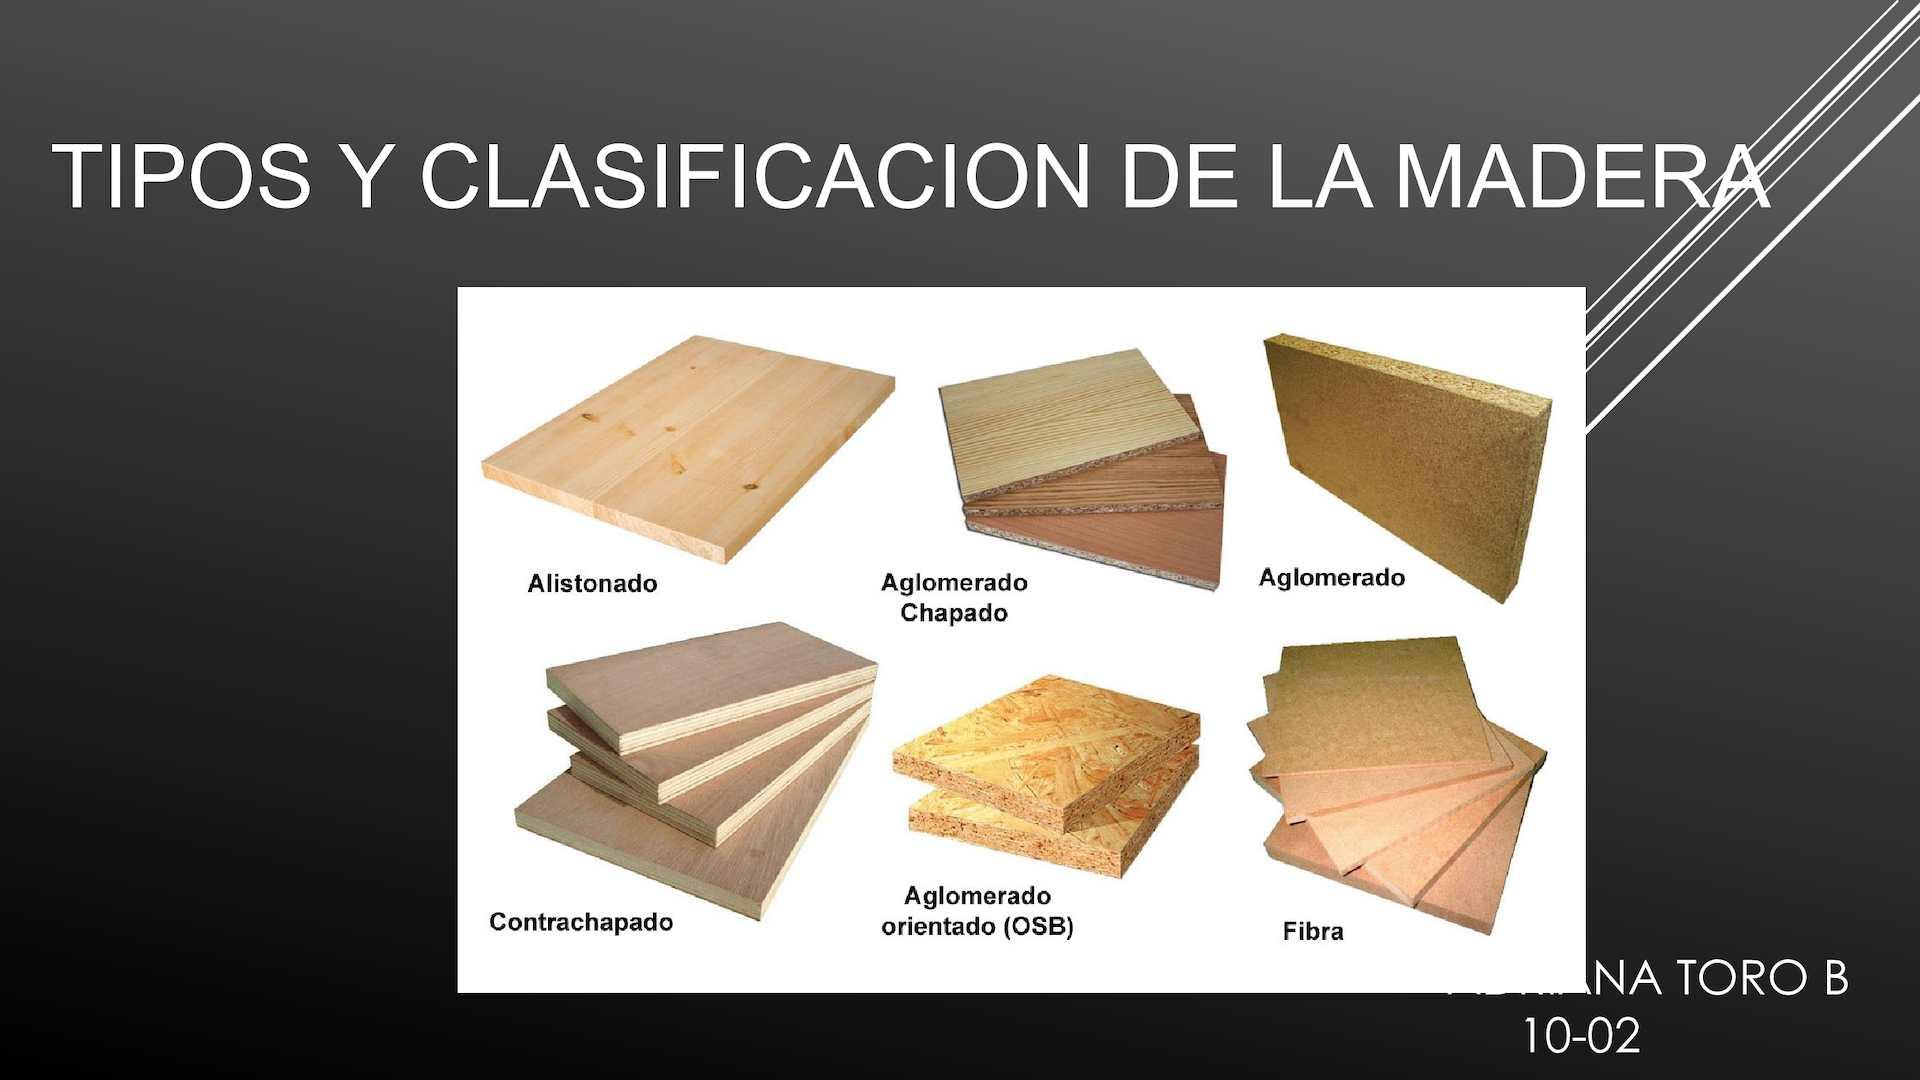 Calam o tipos y clasificaci n de la madera - Tipos de barnices para madera ...